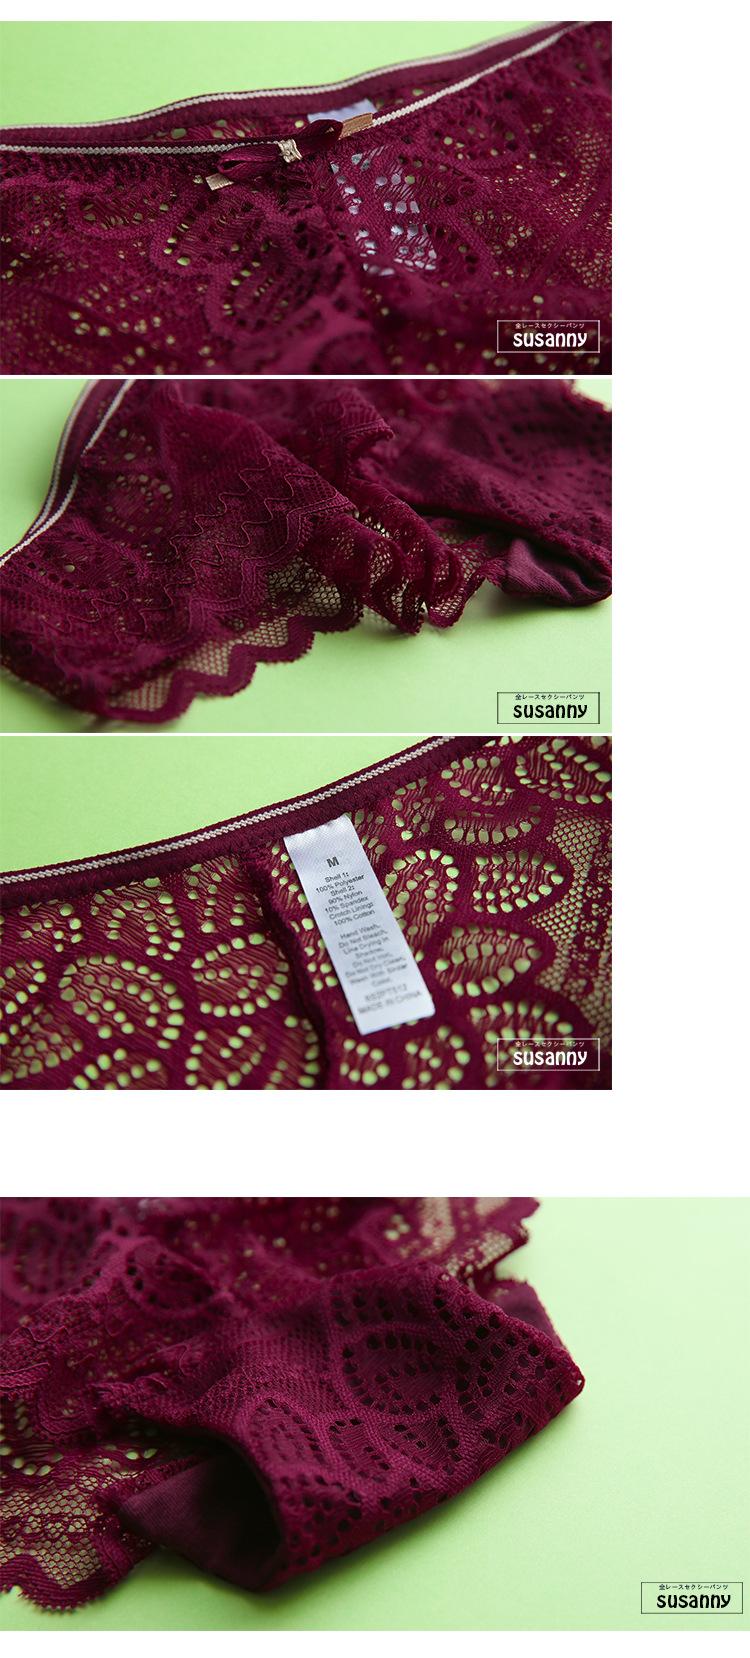 全蕾丝内裤SNK57_14